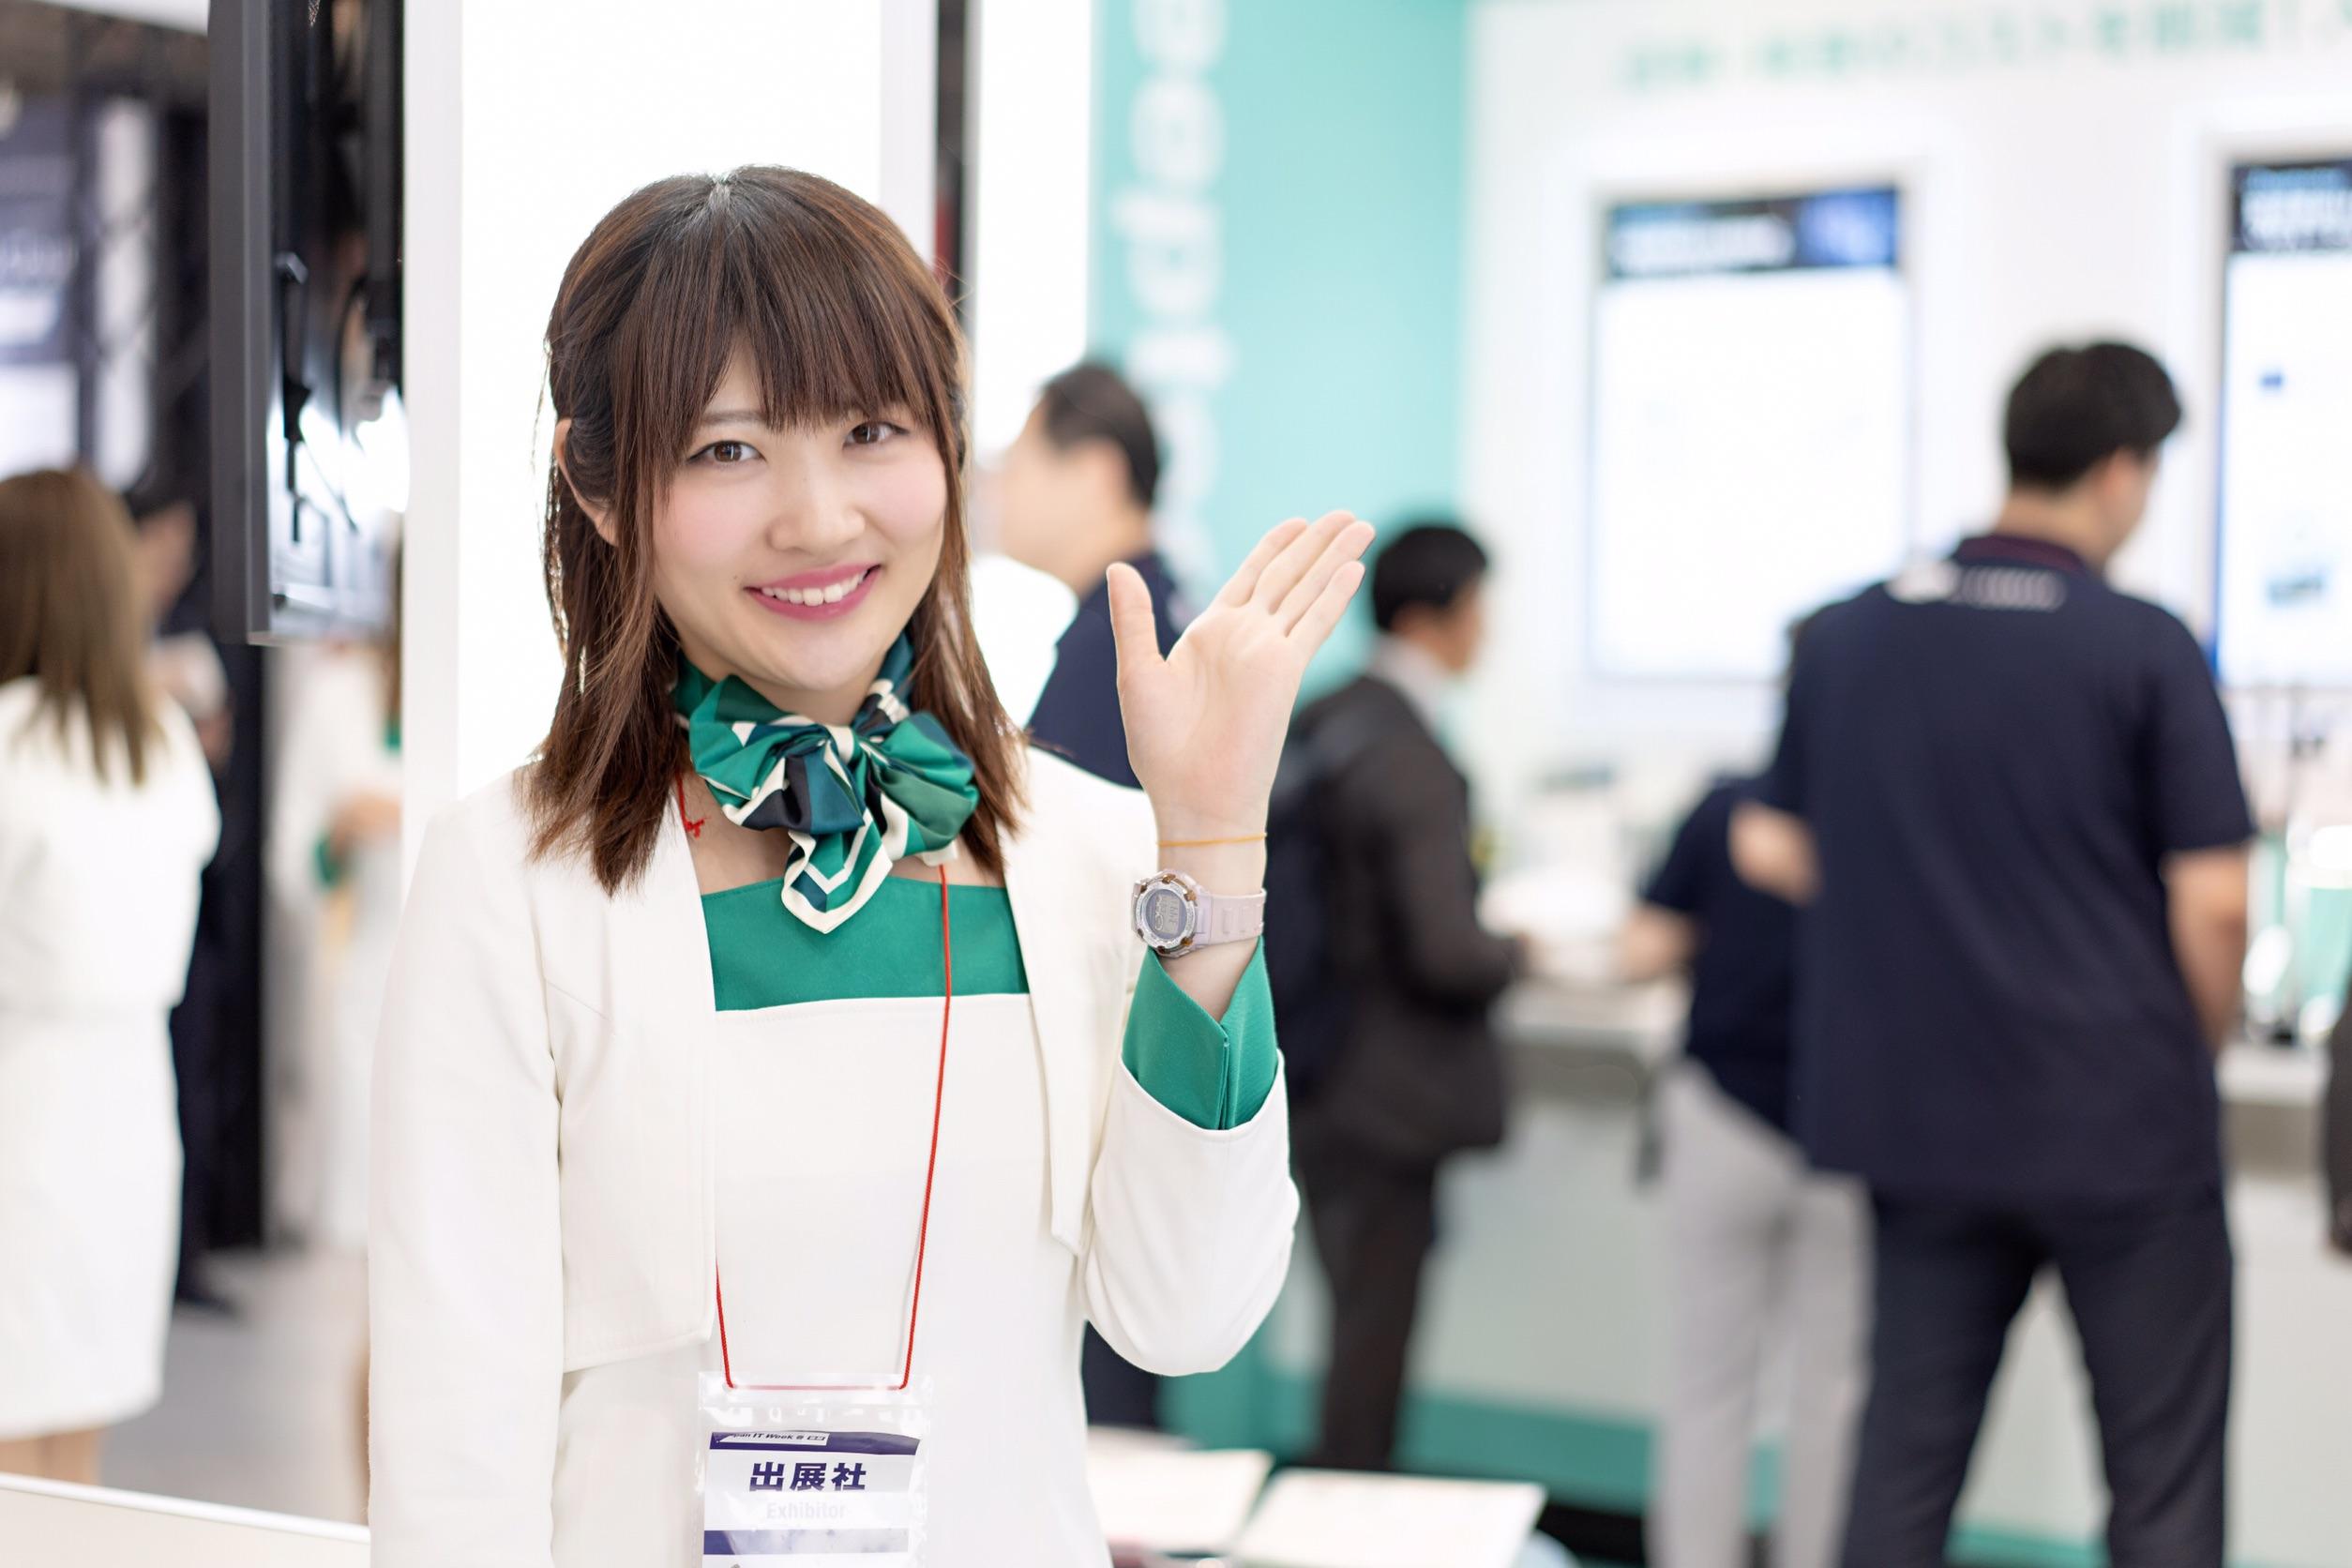 JapanITWeek 「NTTコムウェア」さんのブースに出演したよ!「DevOpsサイクルを実現するクラウドサービスDevaaS® 2.0」IoT女子×クラウド業務改革EXPO のサムネイル